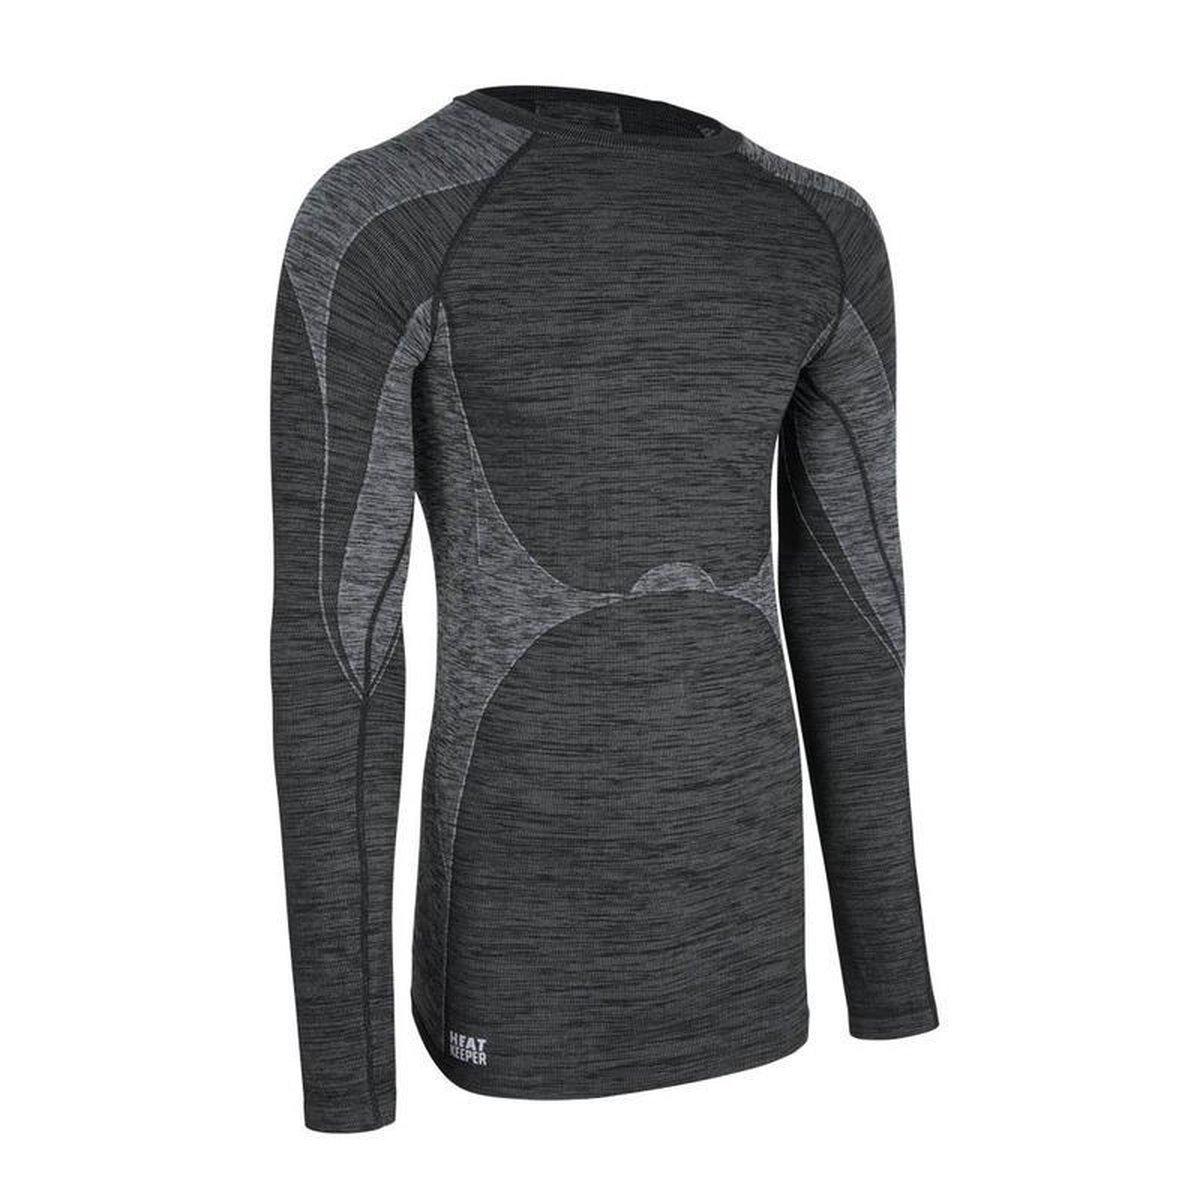 Thermo shirt zwarte melange lange mouw voor heren - Wintersport kleding - Thermokleding M (50)